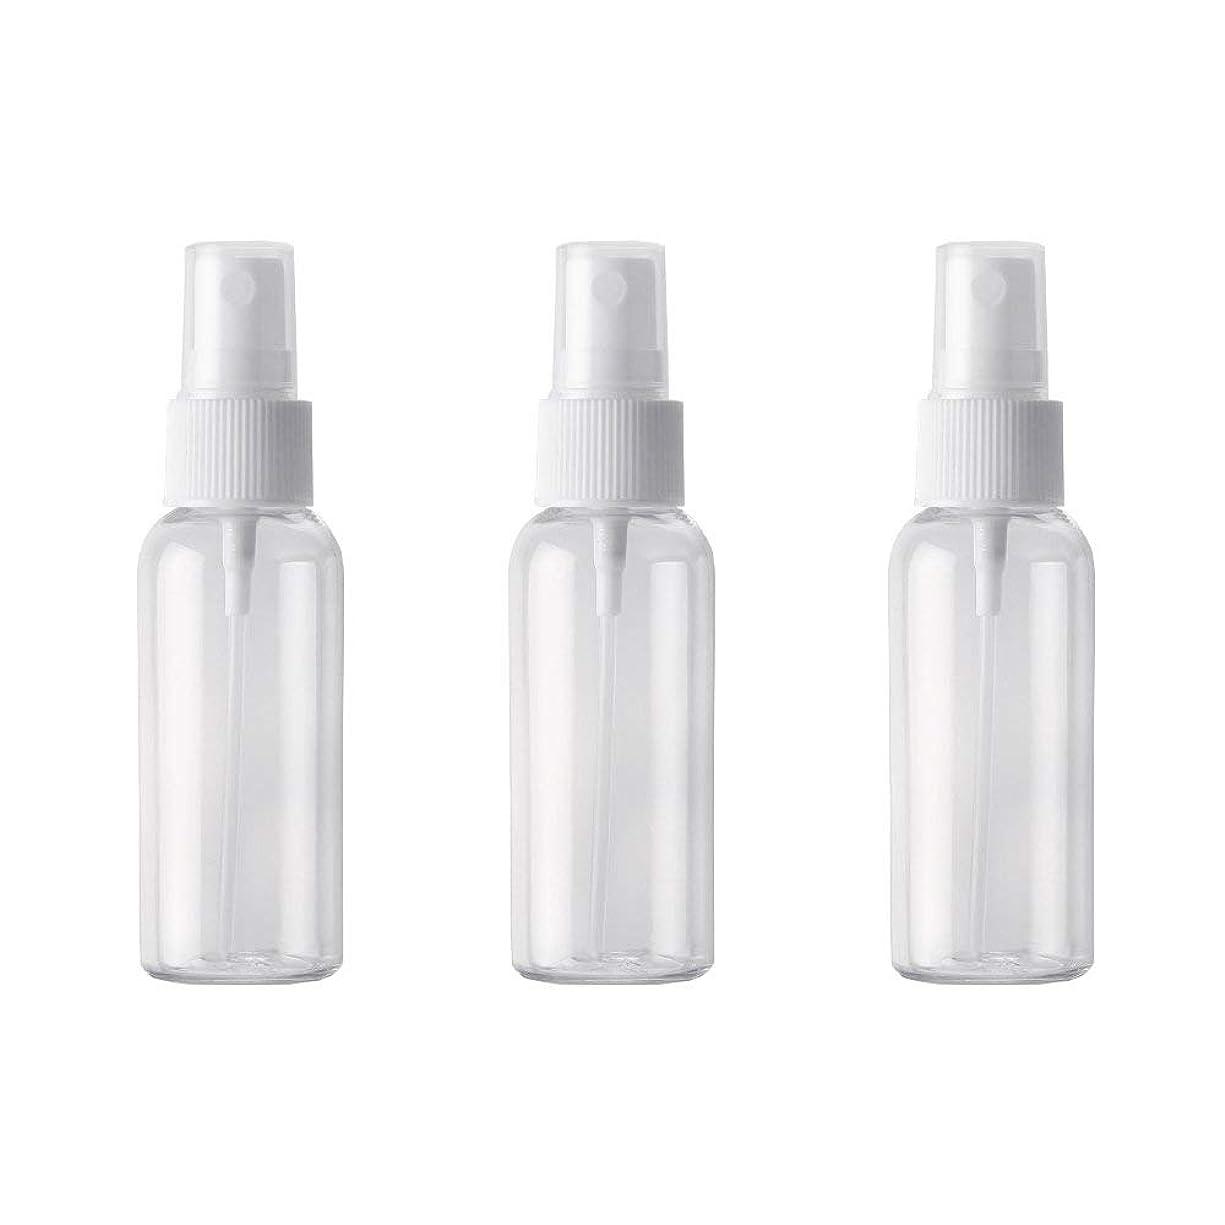 ねばねばランデブー詳細な小分けボトル トラベルボトル スプレーボトル セット 霧吹き 小分け容器 (50ml )